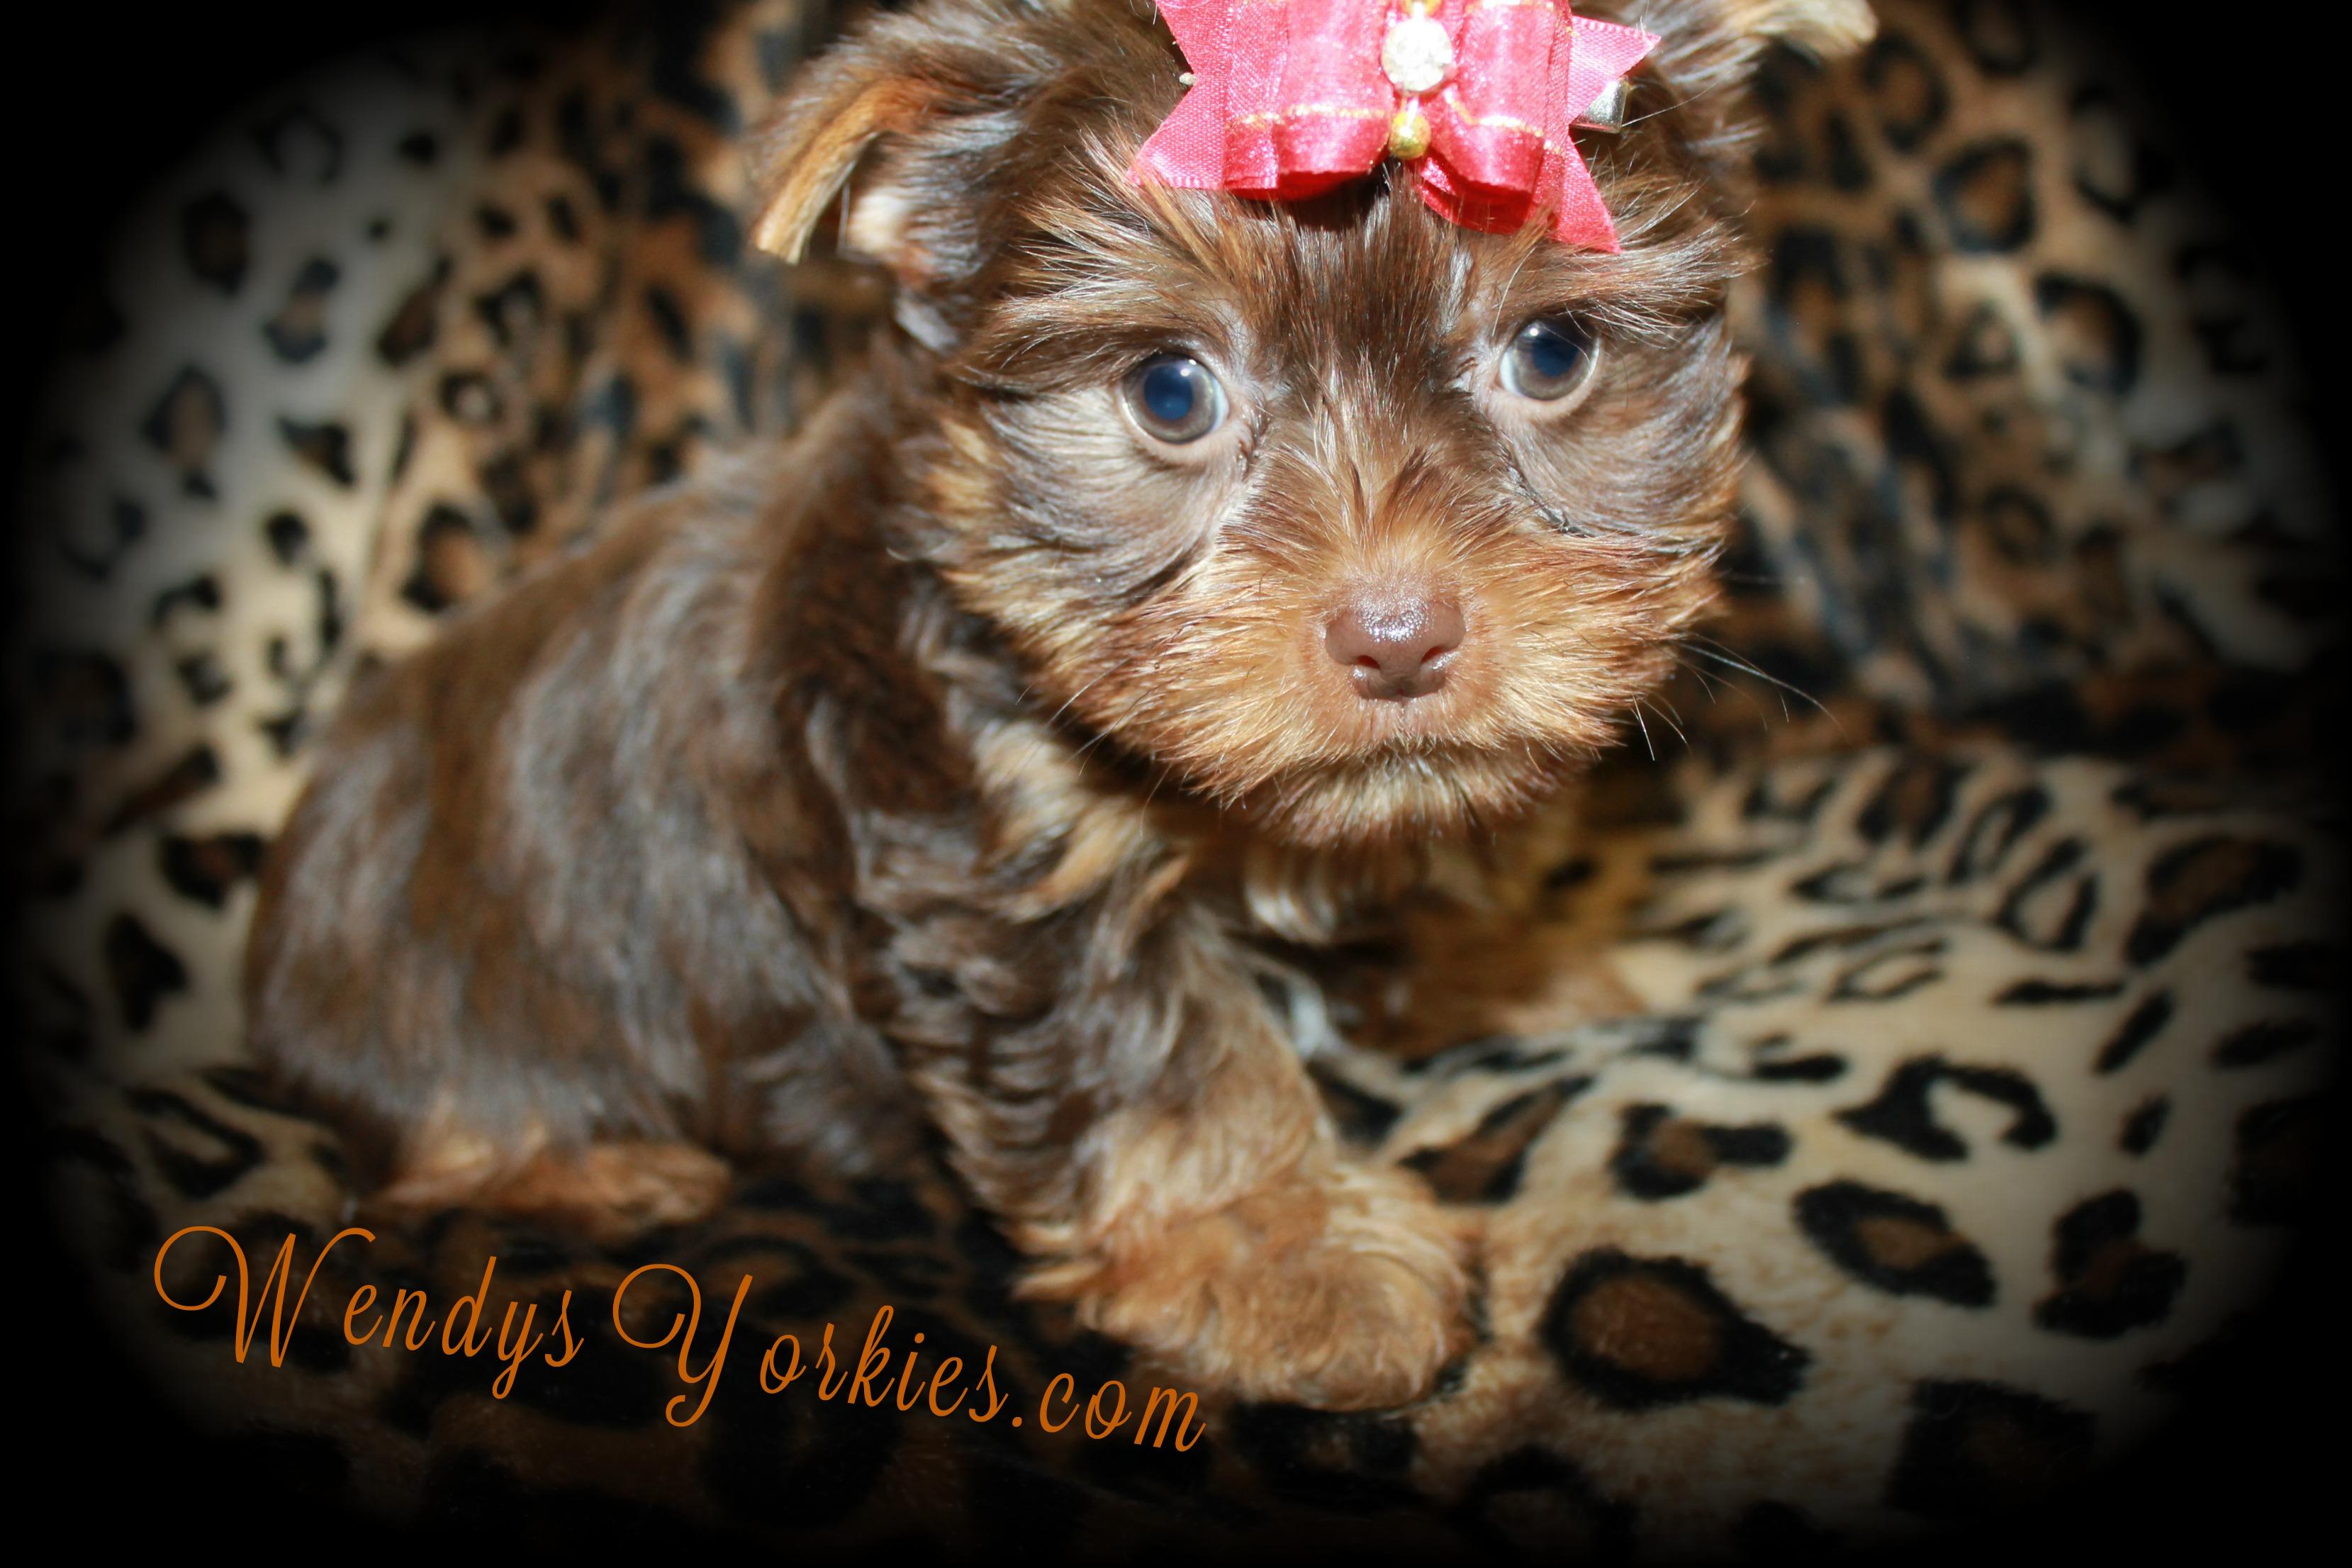 TEacup Chocolate Yorkie puppy for sale in Texas,WendysYorkies.com, Skeeter m2